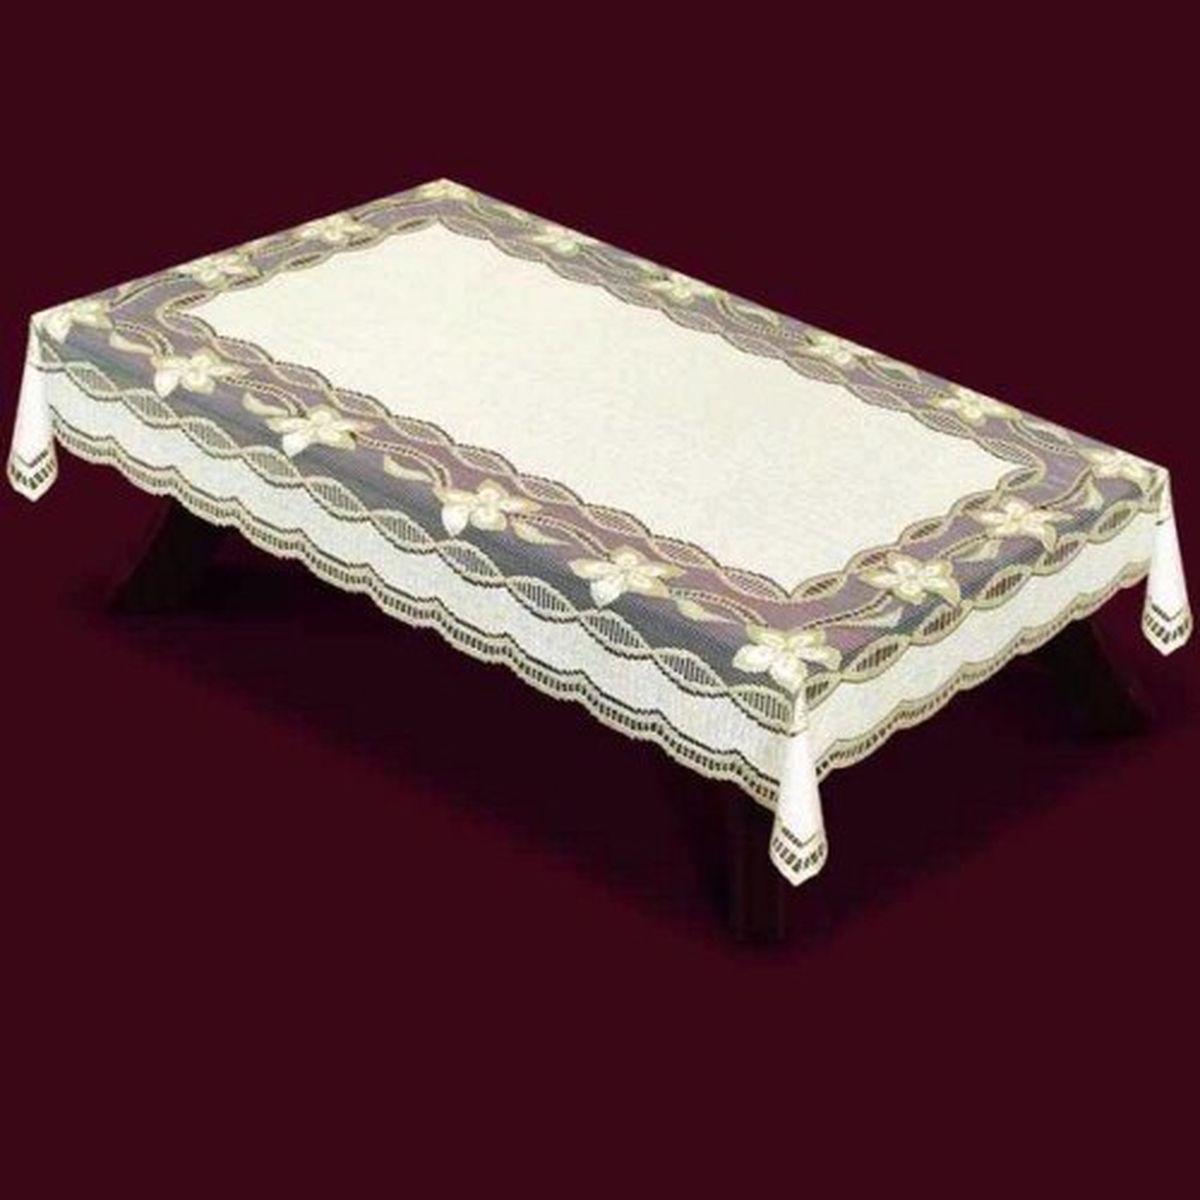 Скатерть Haft, прямоугольная, цвет: кремовый, золотистый, 150x 300 см. 42950-15033163-160Великолепная прямоугольная скатерть Haft, выполненная из полиэстера, органично впишется в интерьер любого помещения, а оригинальный дизайн удовлетворит даже самый изысканный вкус. Скатерть изготовлена из сетчатого материала с ажурным цветочным рисунком. Края скатерти ажурные.Скатерть Haft создаст праздничное настроение и станет прекрасным дополнением интерьера гостиной, кухни или столовой.